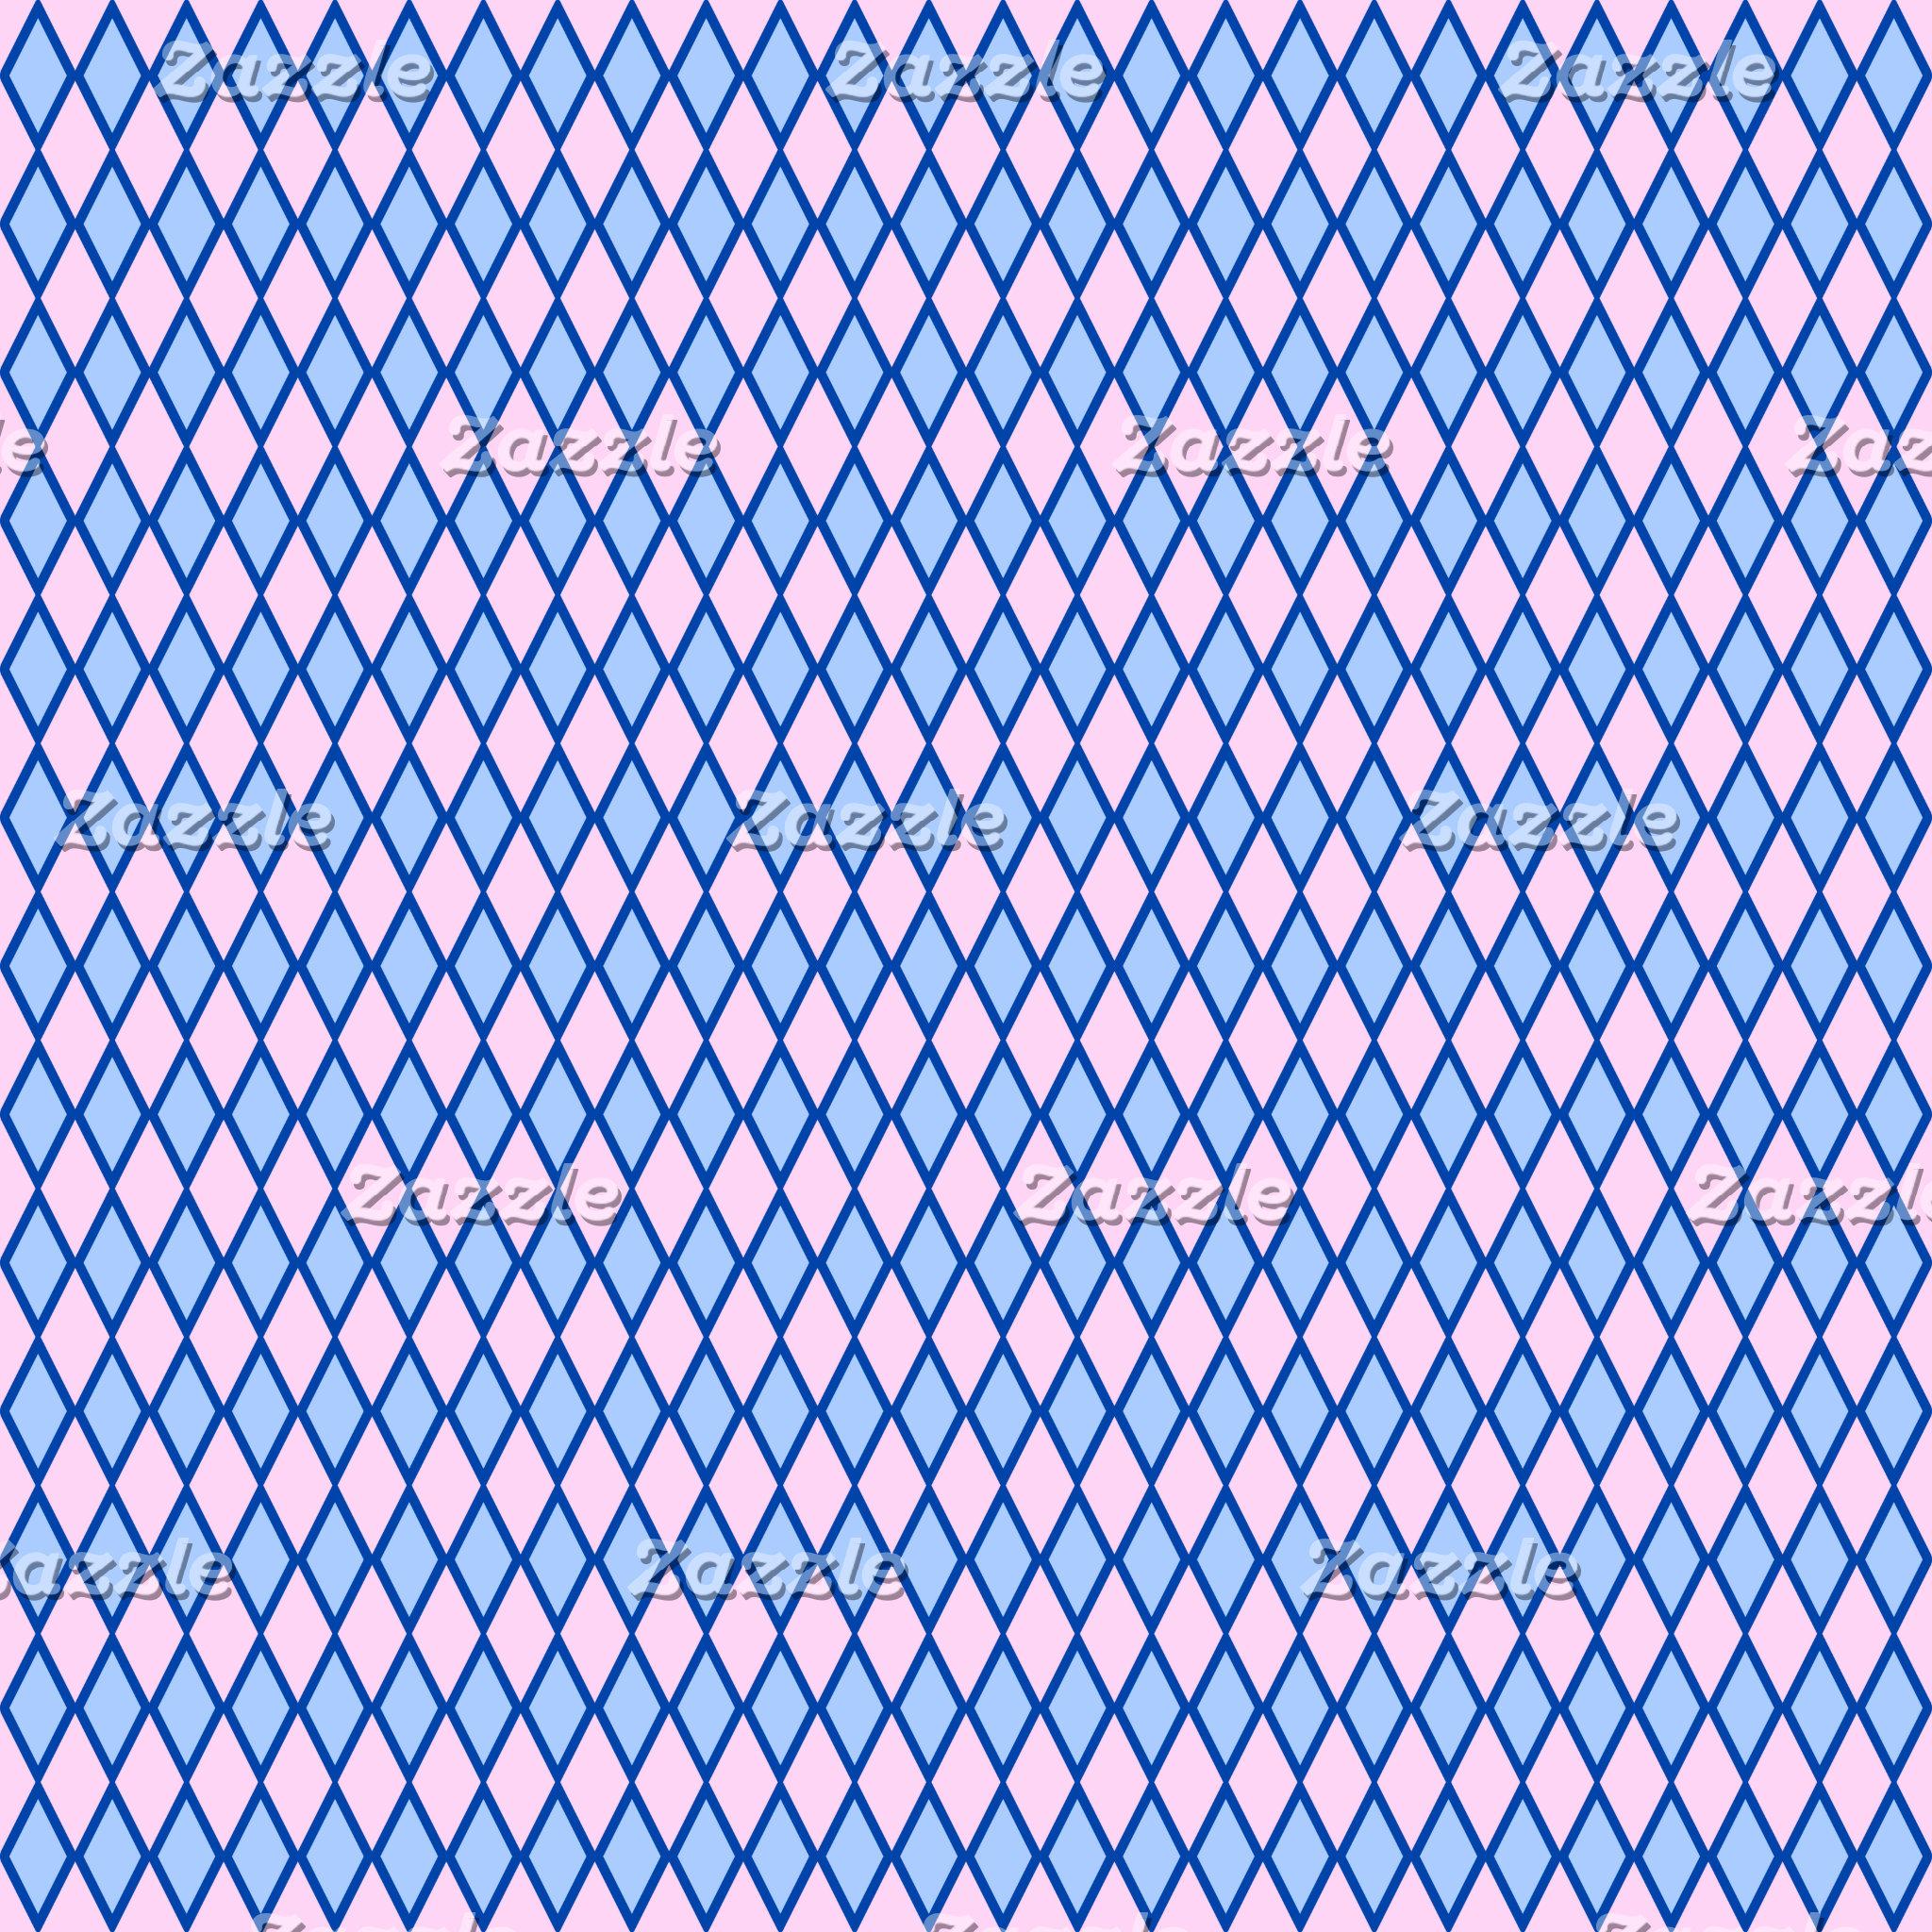 Blue and Pink Diamond Shape Pattern